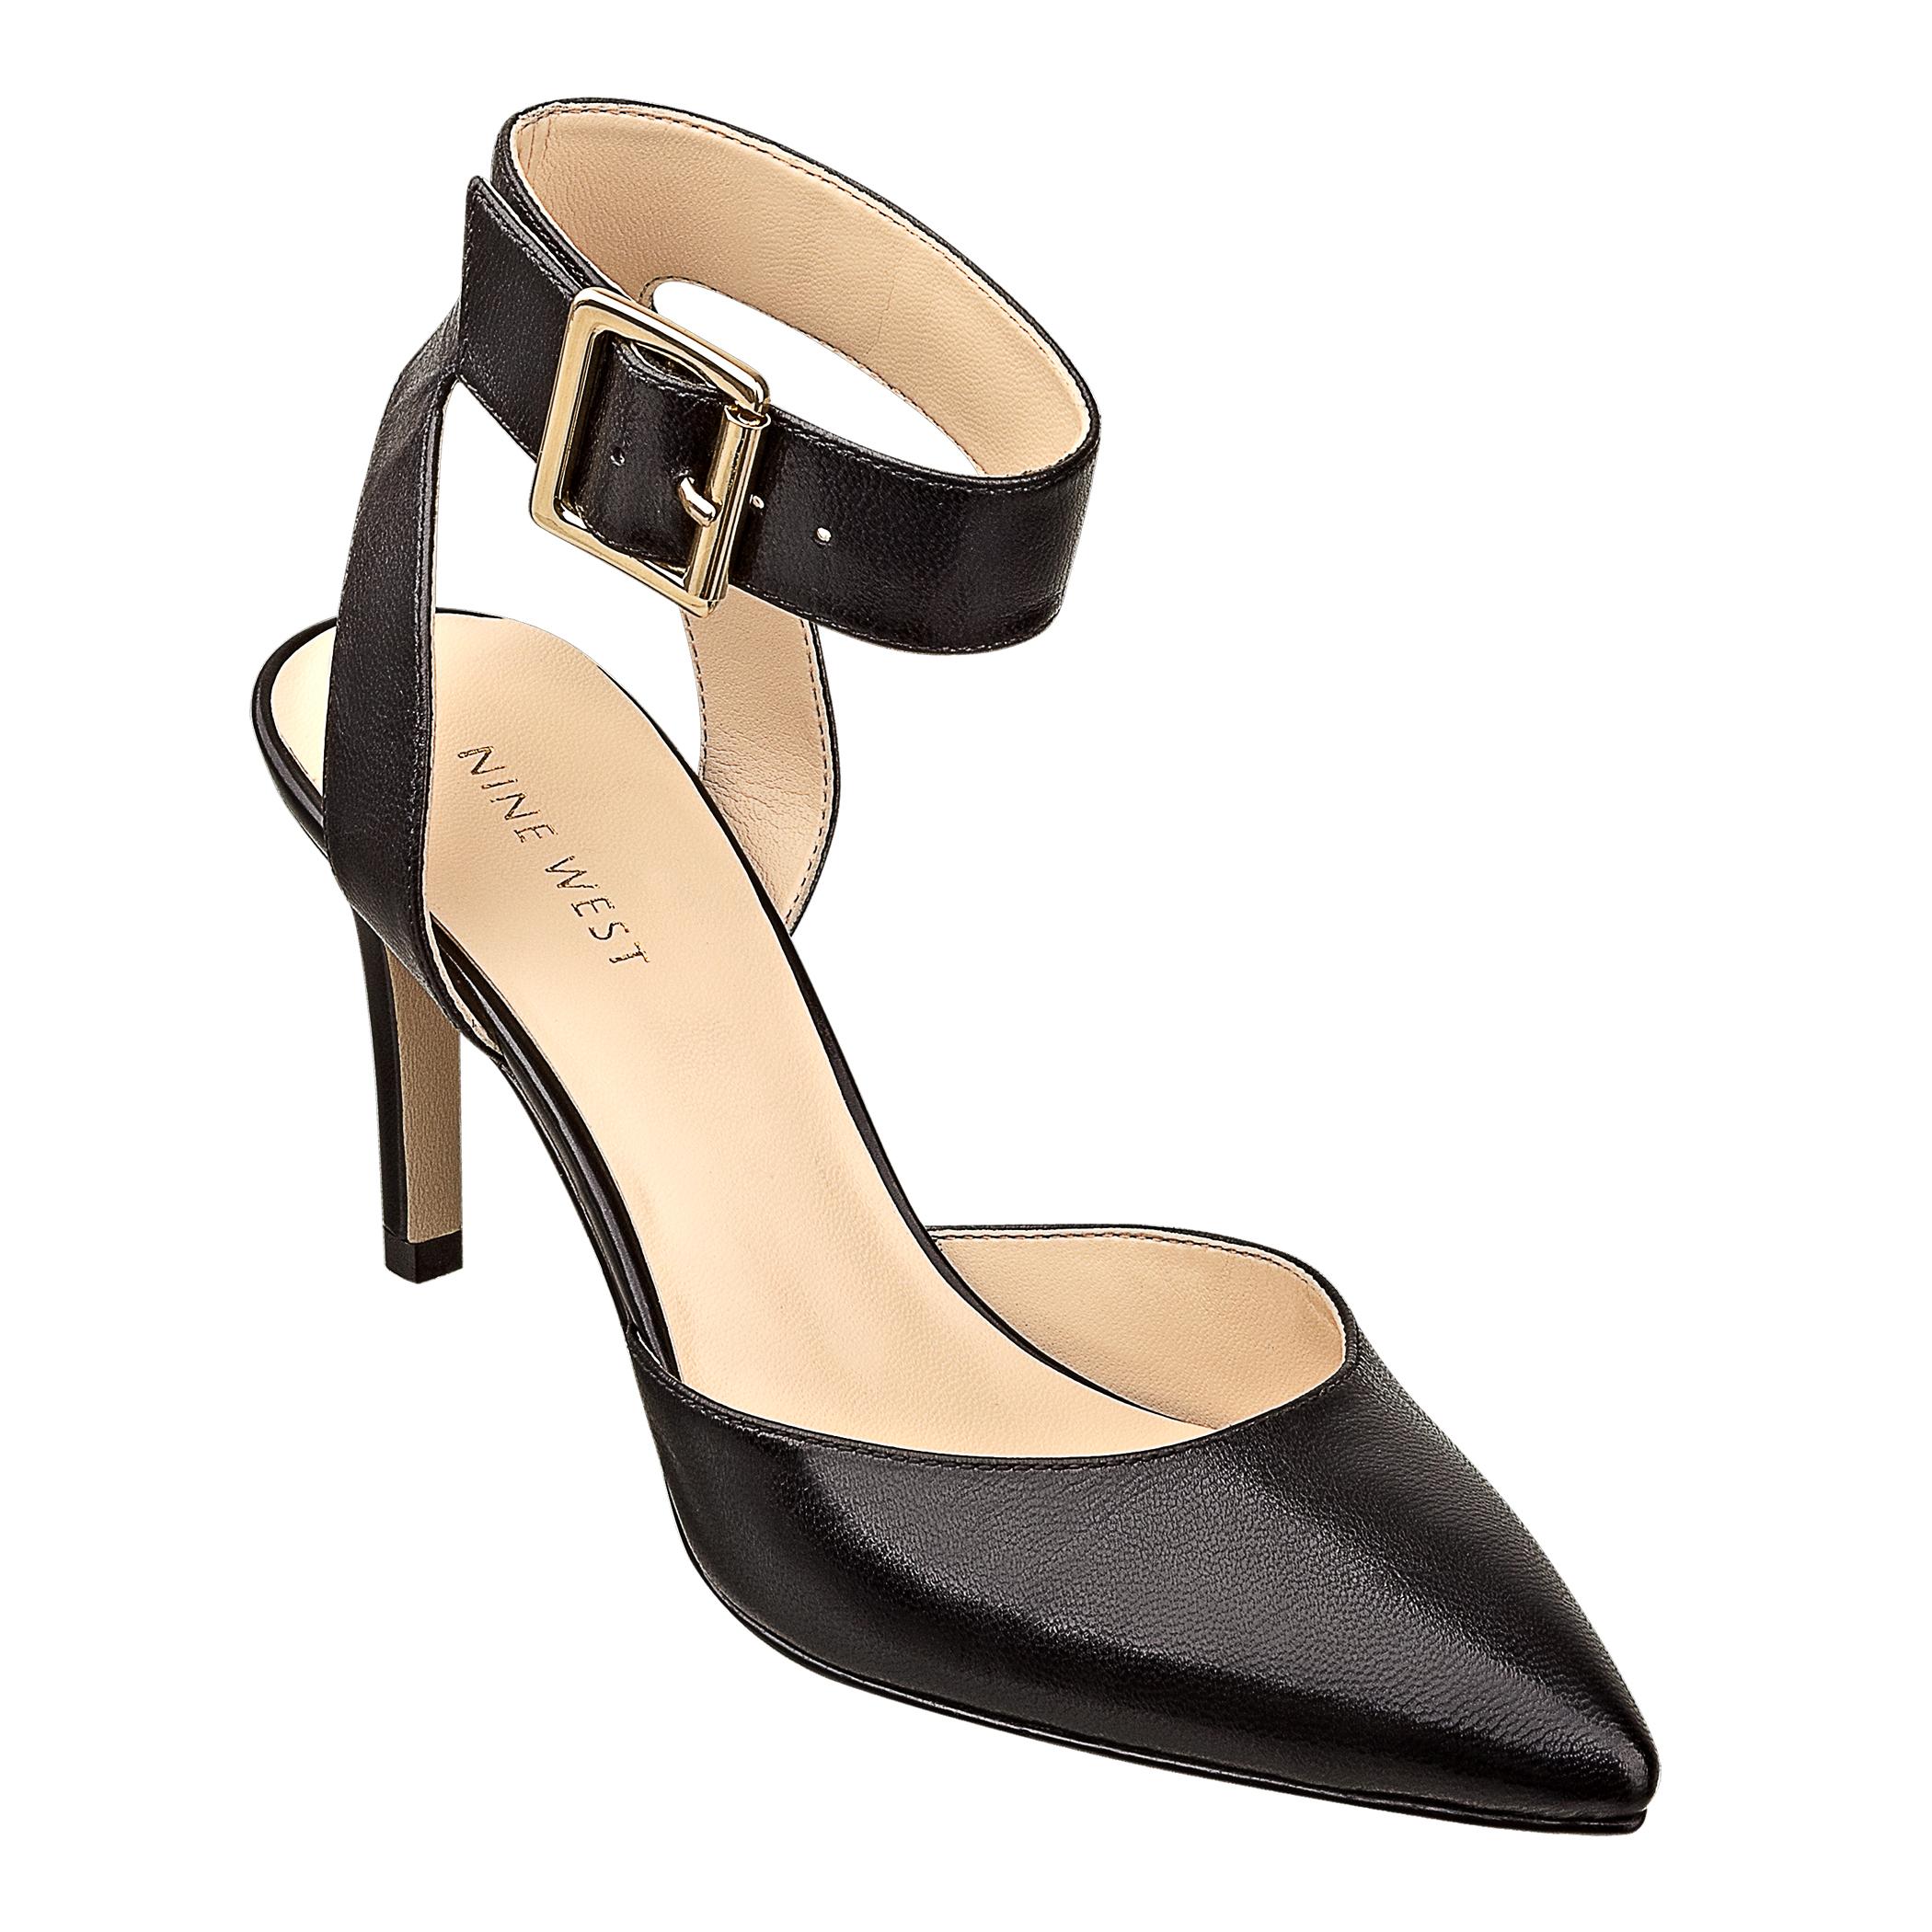 Neil Barrett Women S Shoes